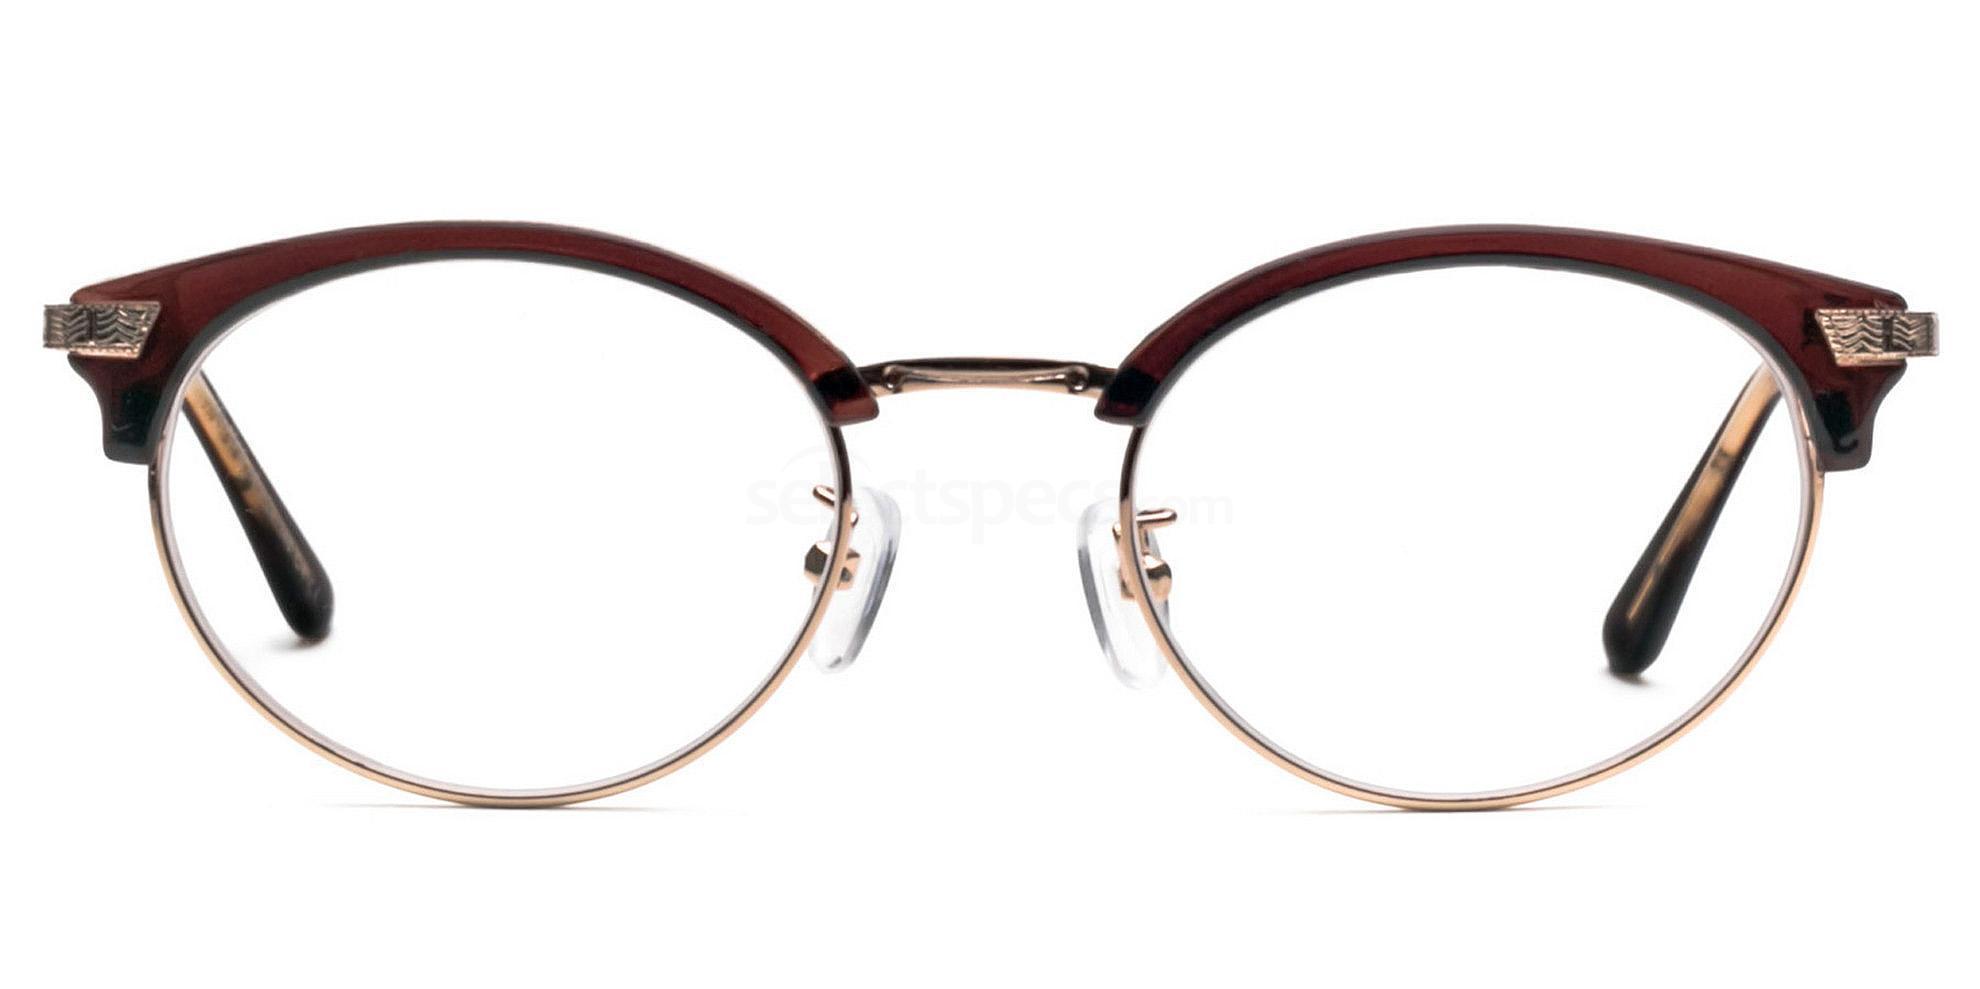 horn rimmed glasses vintage look uk